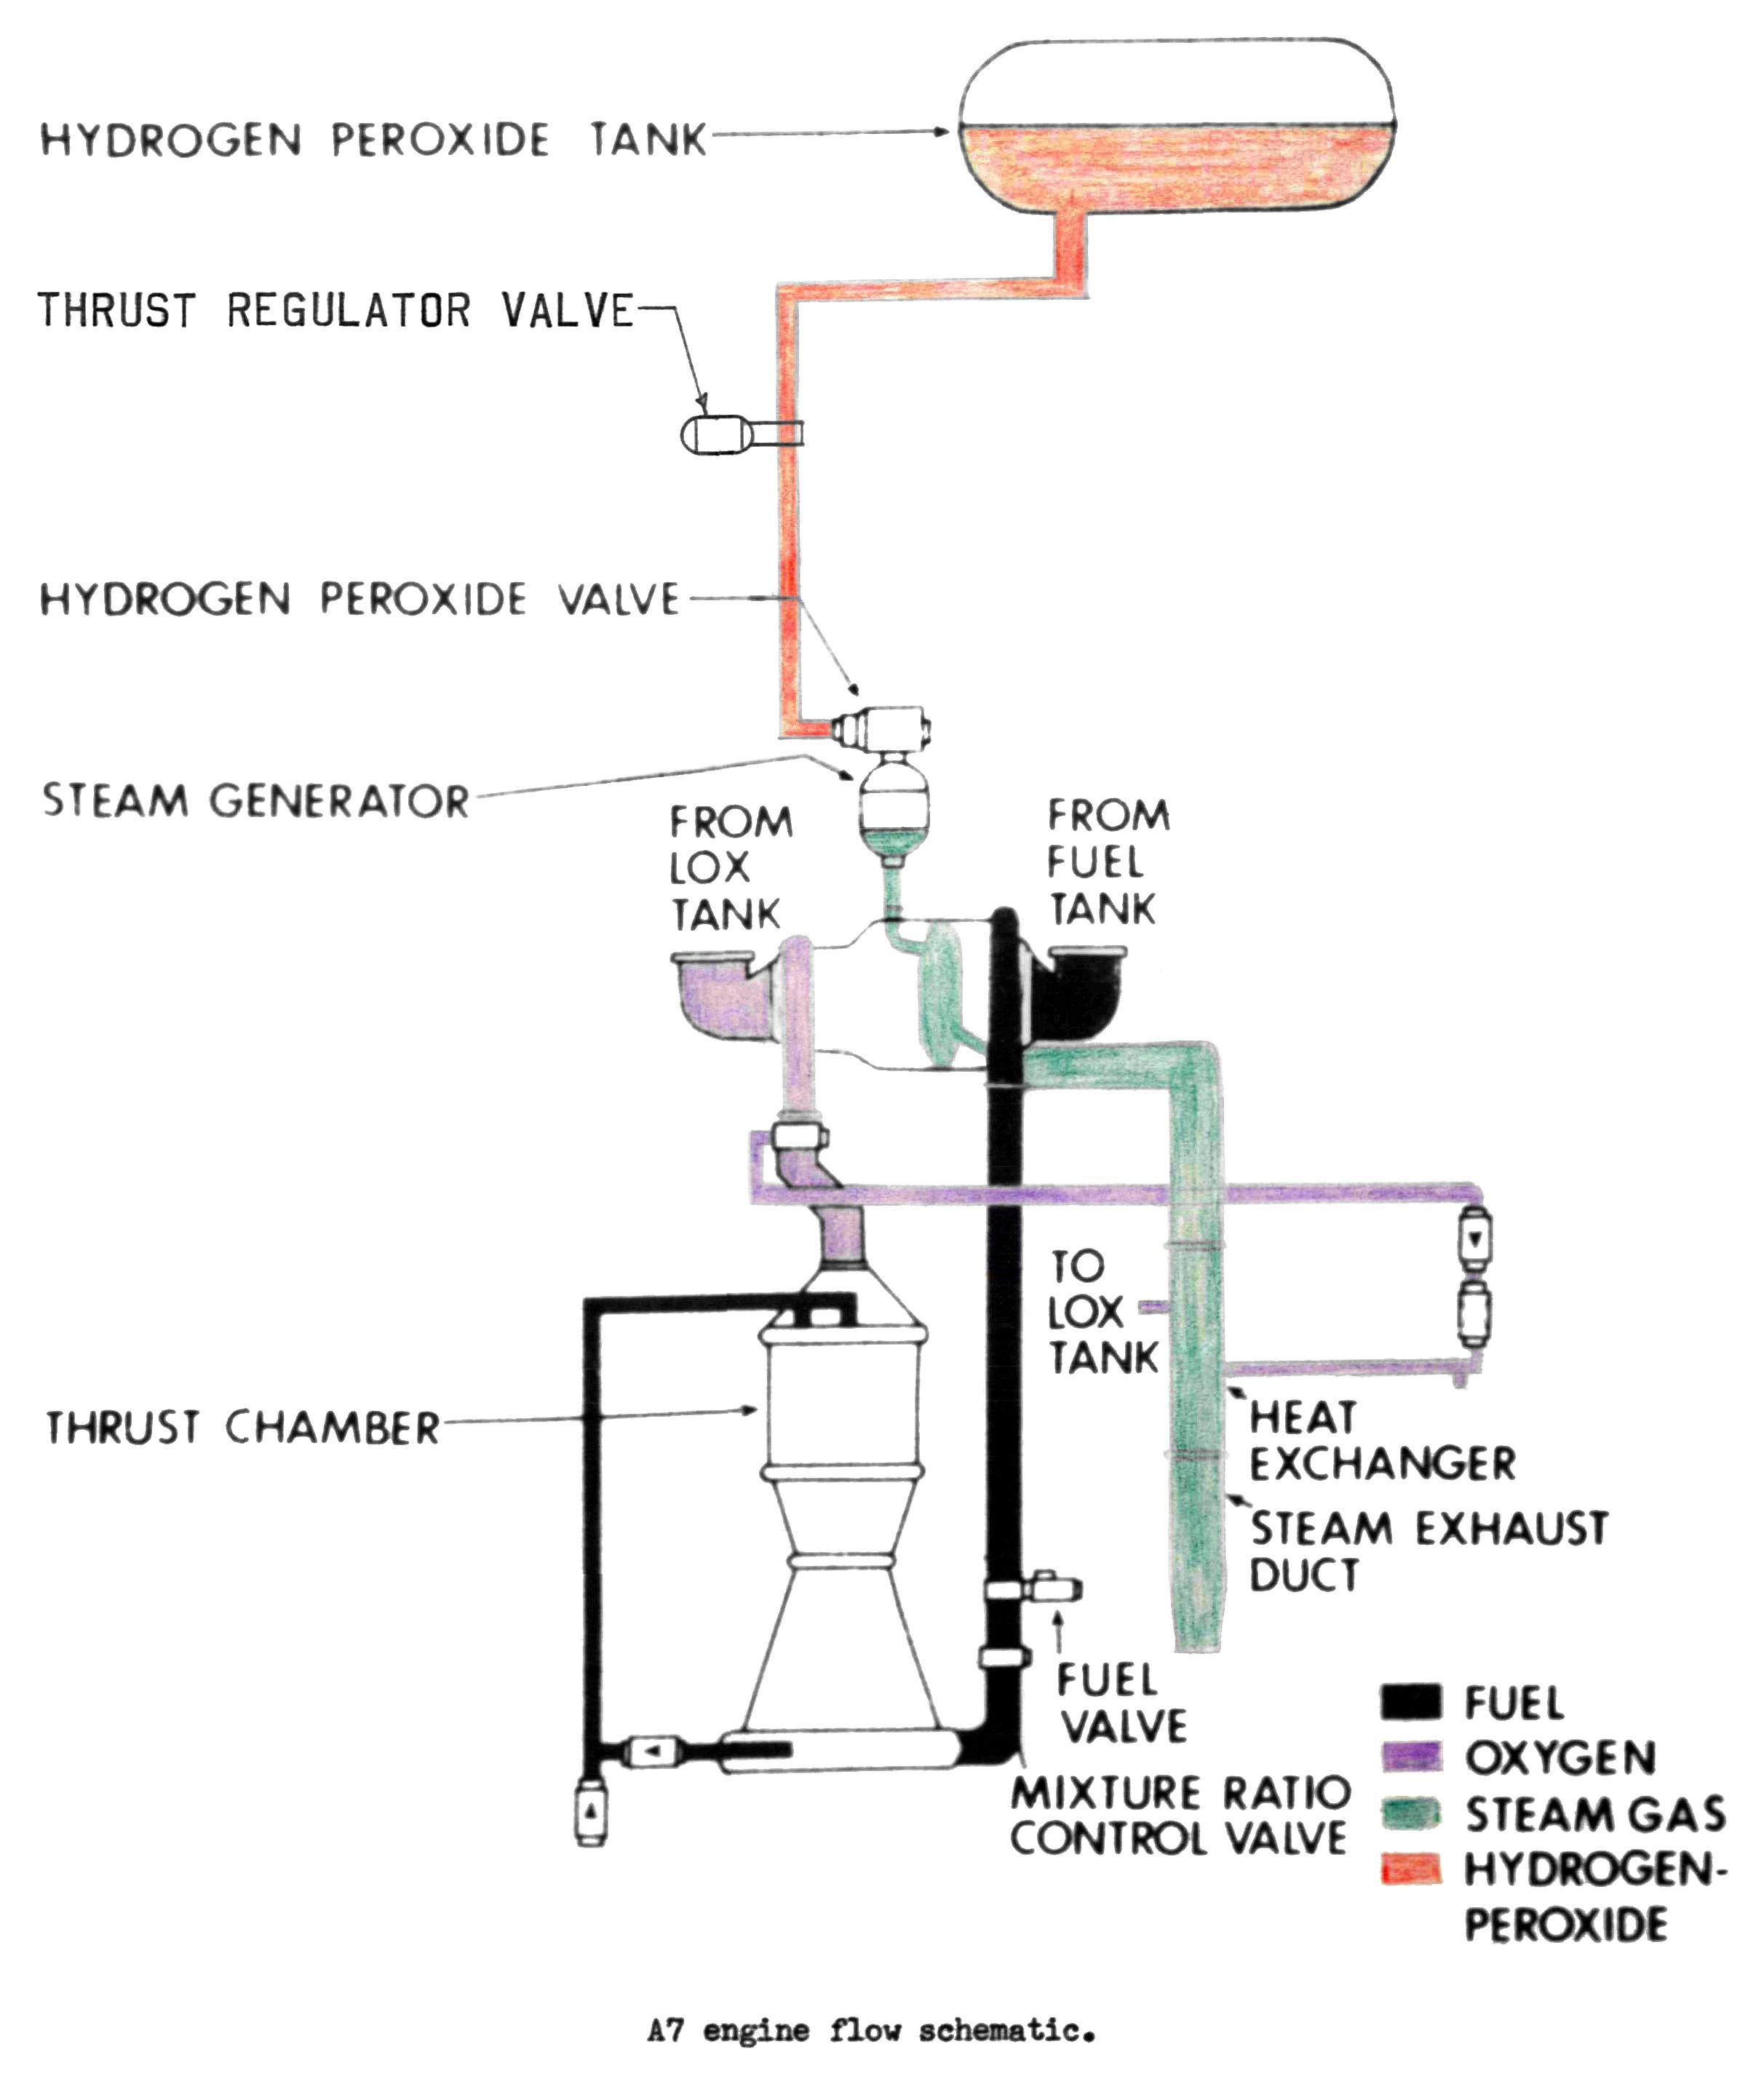 diagram of steam generator